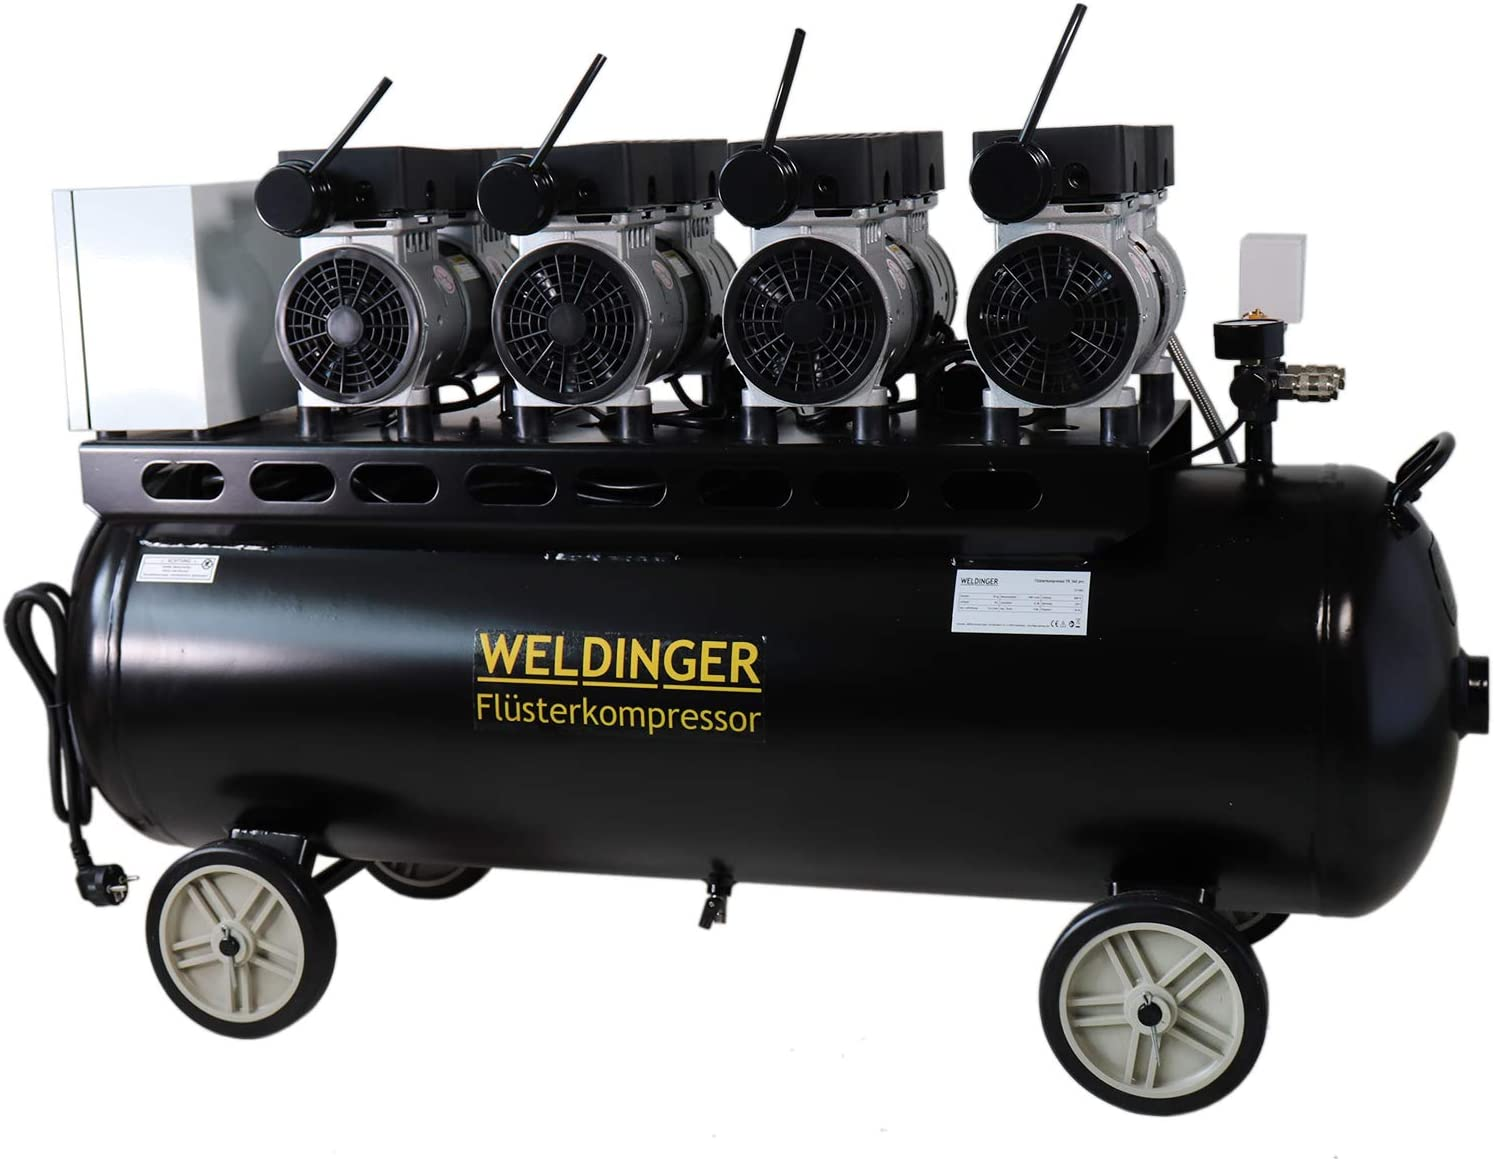 Weldinger Flüsterkompressor Fk 360 Pro 3000 W 230 V Motoren Einzeln Schaltbar Innenbeschichteter 90 Liter Tank 5 Jahre Garantie Baumarkt